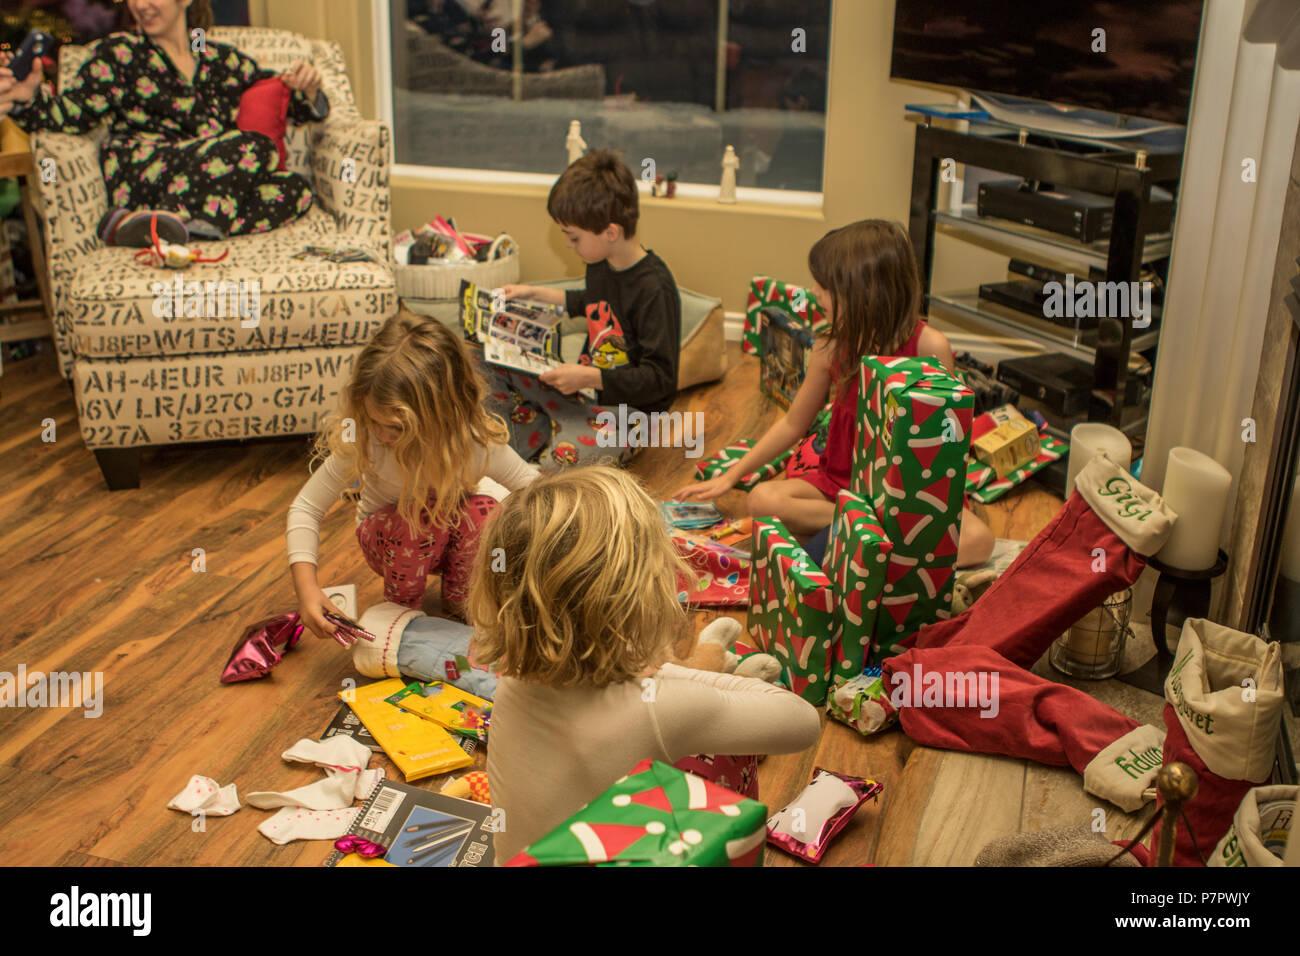 Little Girl Christmas Stockings Stockfotos & Little Girl Christmas ...